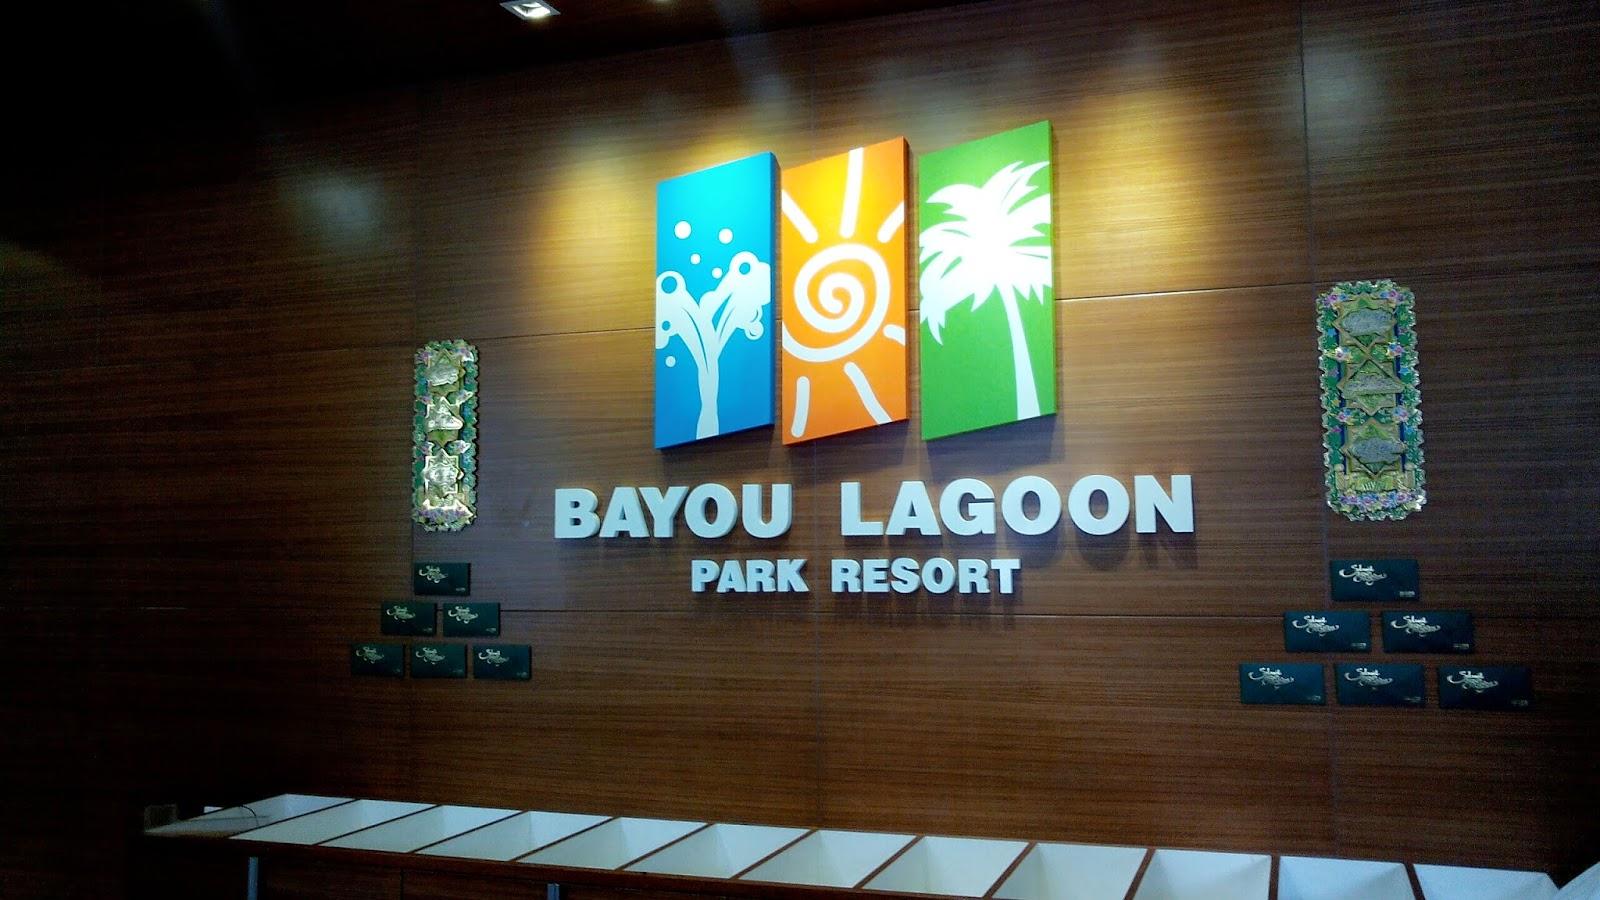 Bayou Lagoon Park Resort, Melaka Fauzi Aryaan